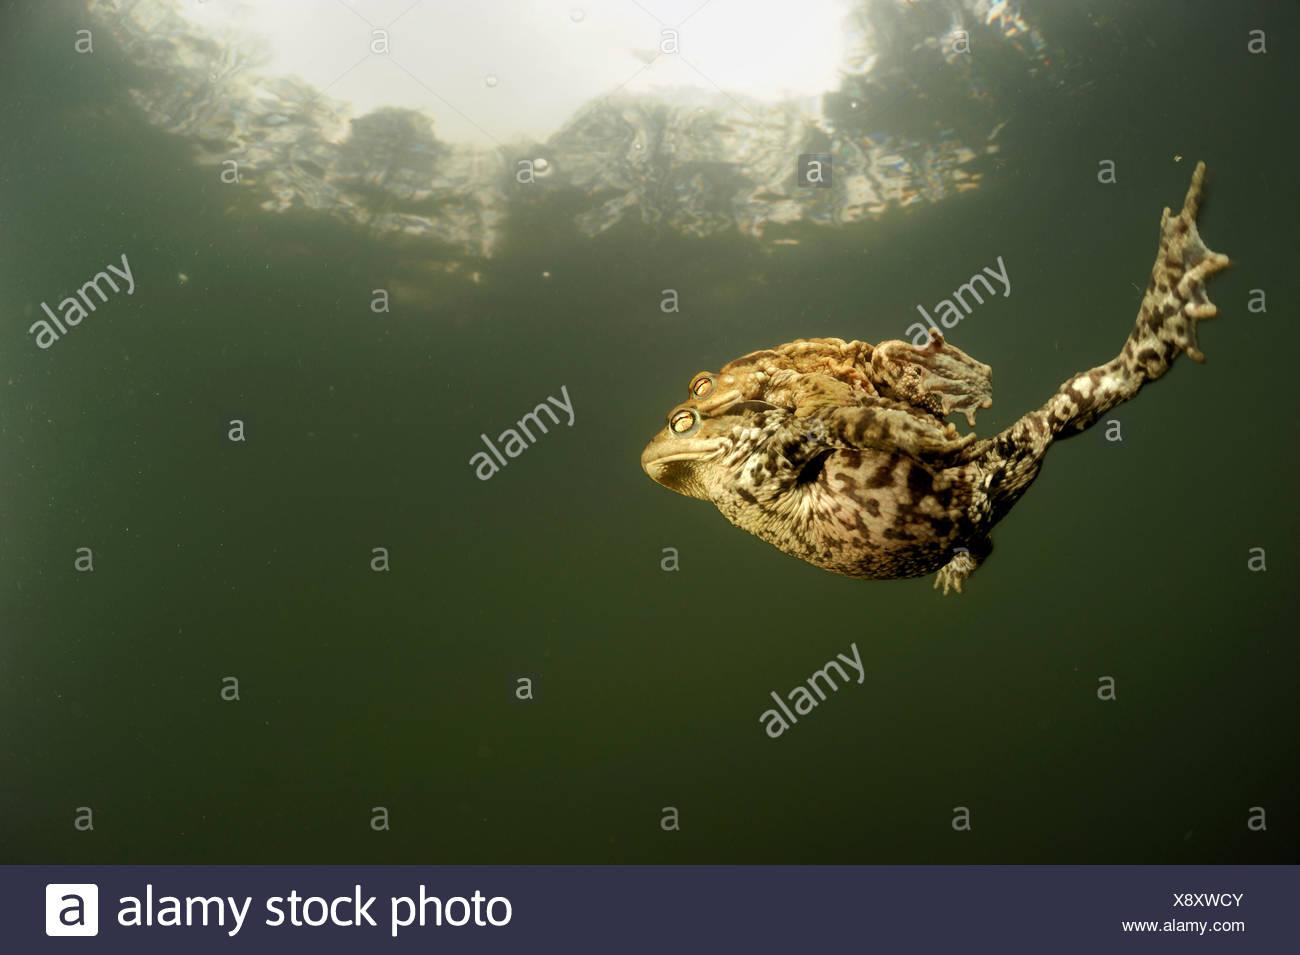 Paire de politique européenne de crapauds (Bufo bufo) nager ensemble dans l'étang, Allemagne Photo Stock